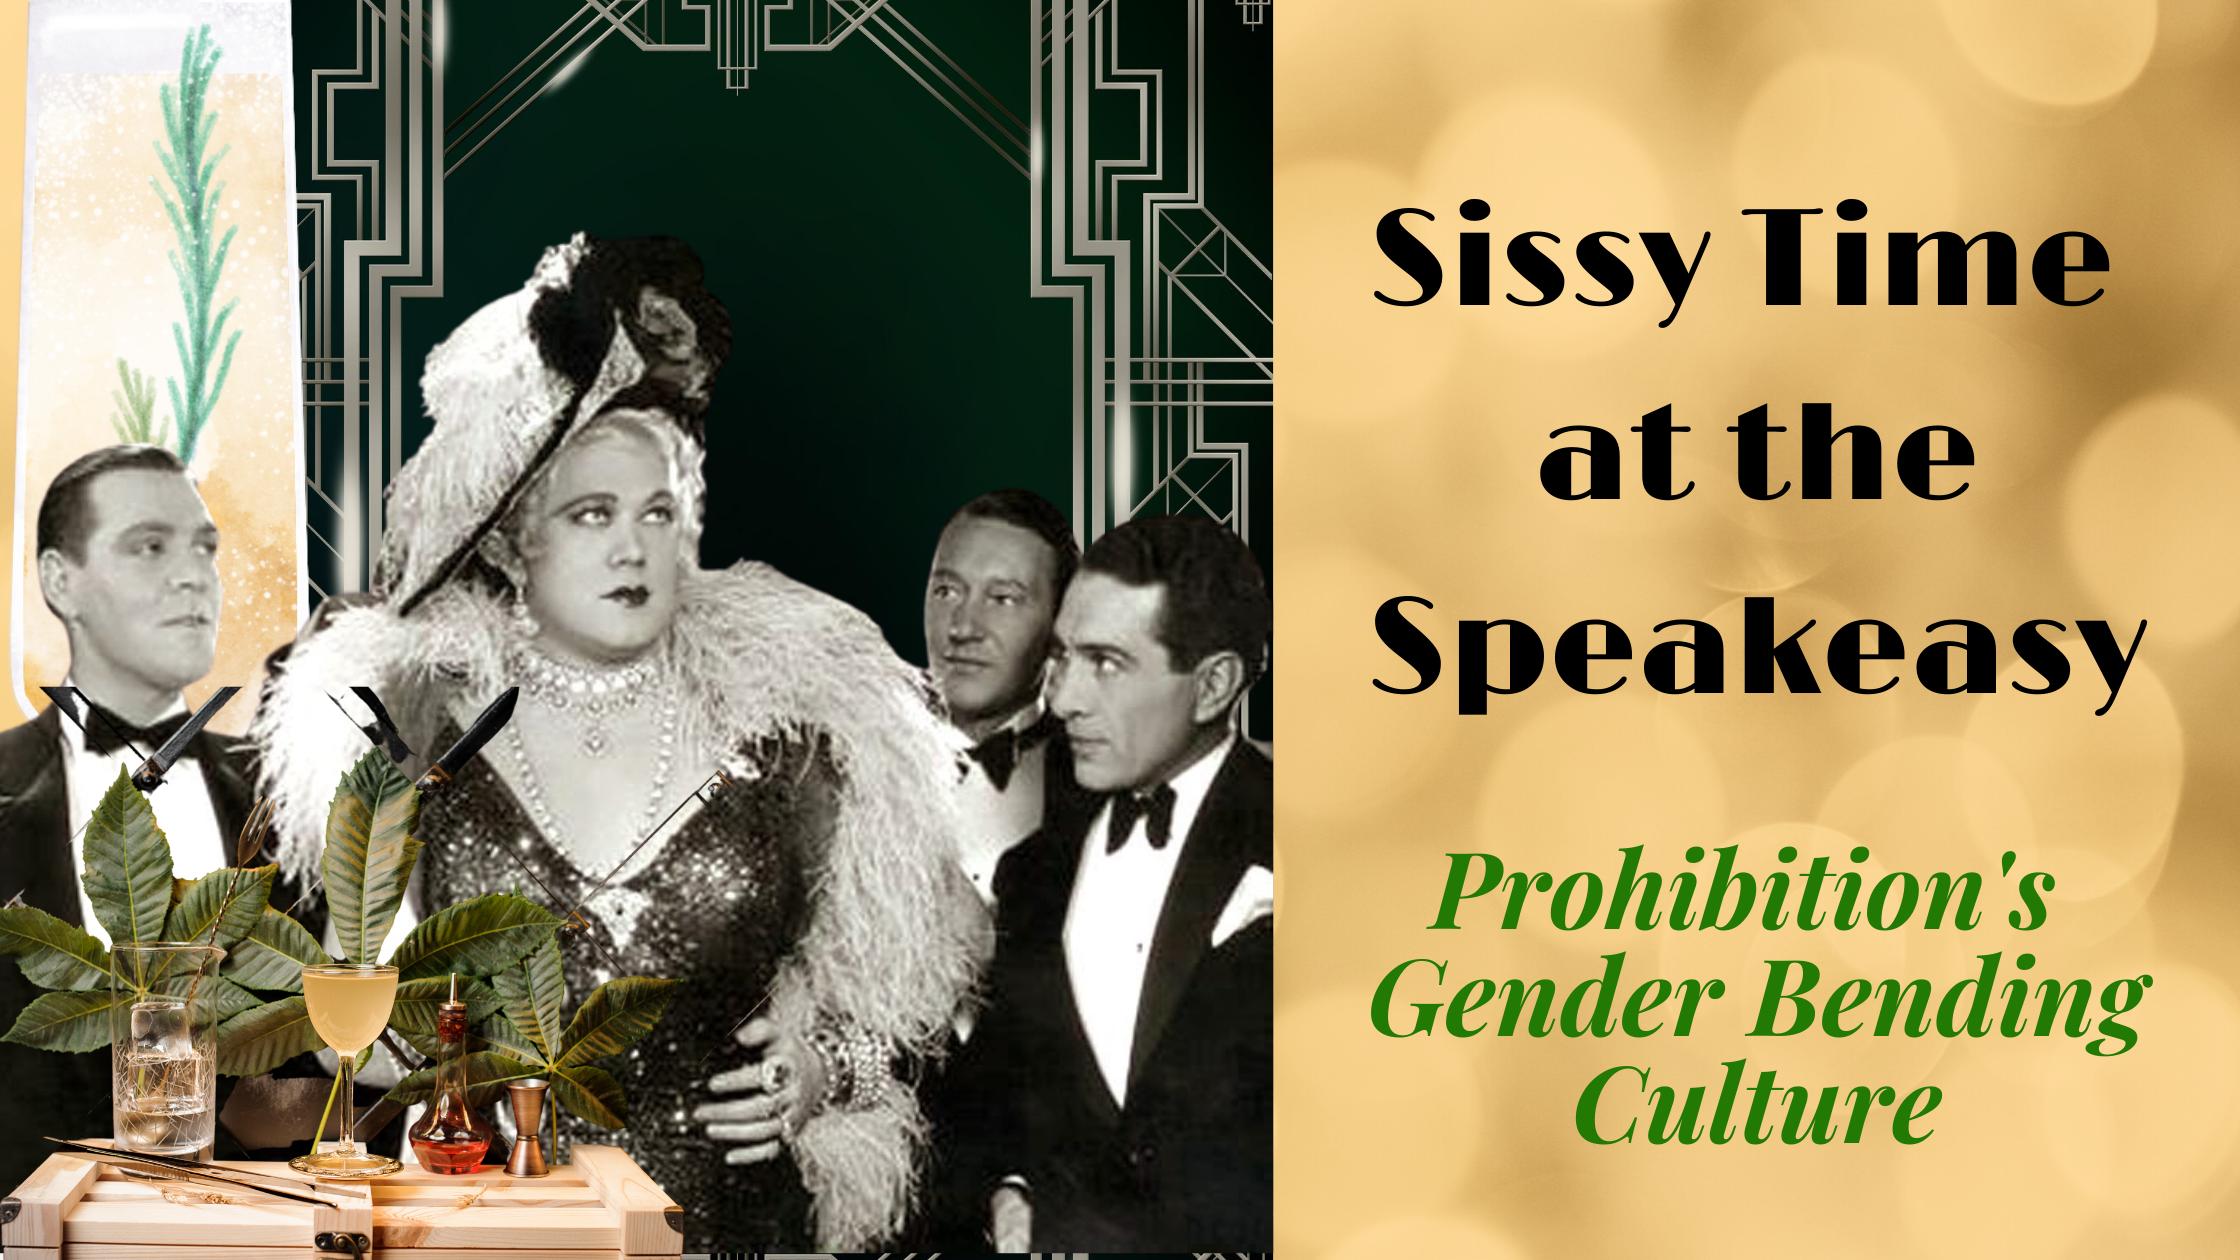 Gene Malin The Sissy of the Speakeasies